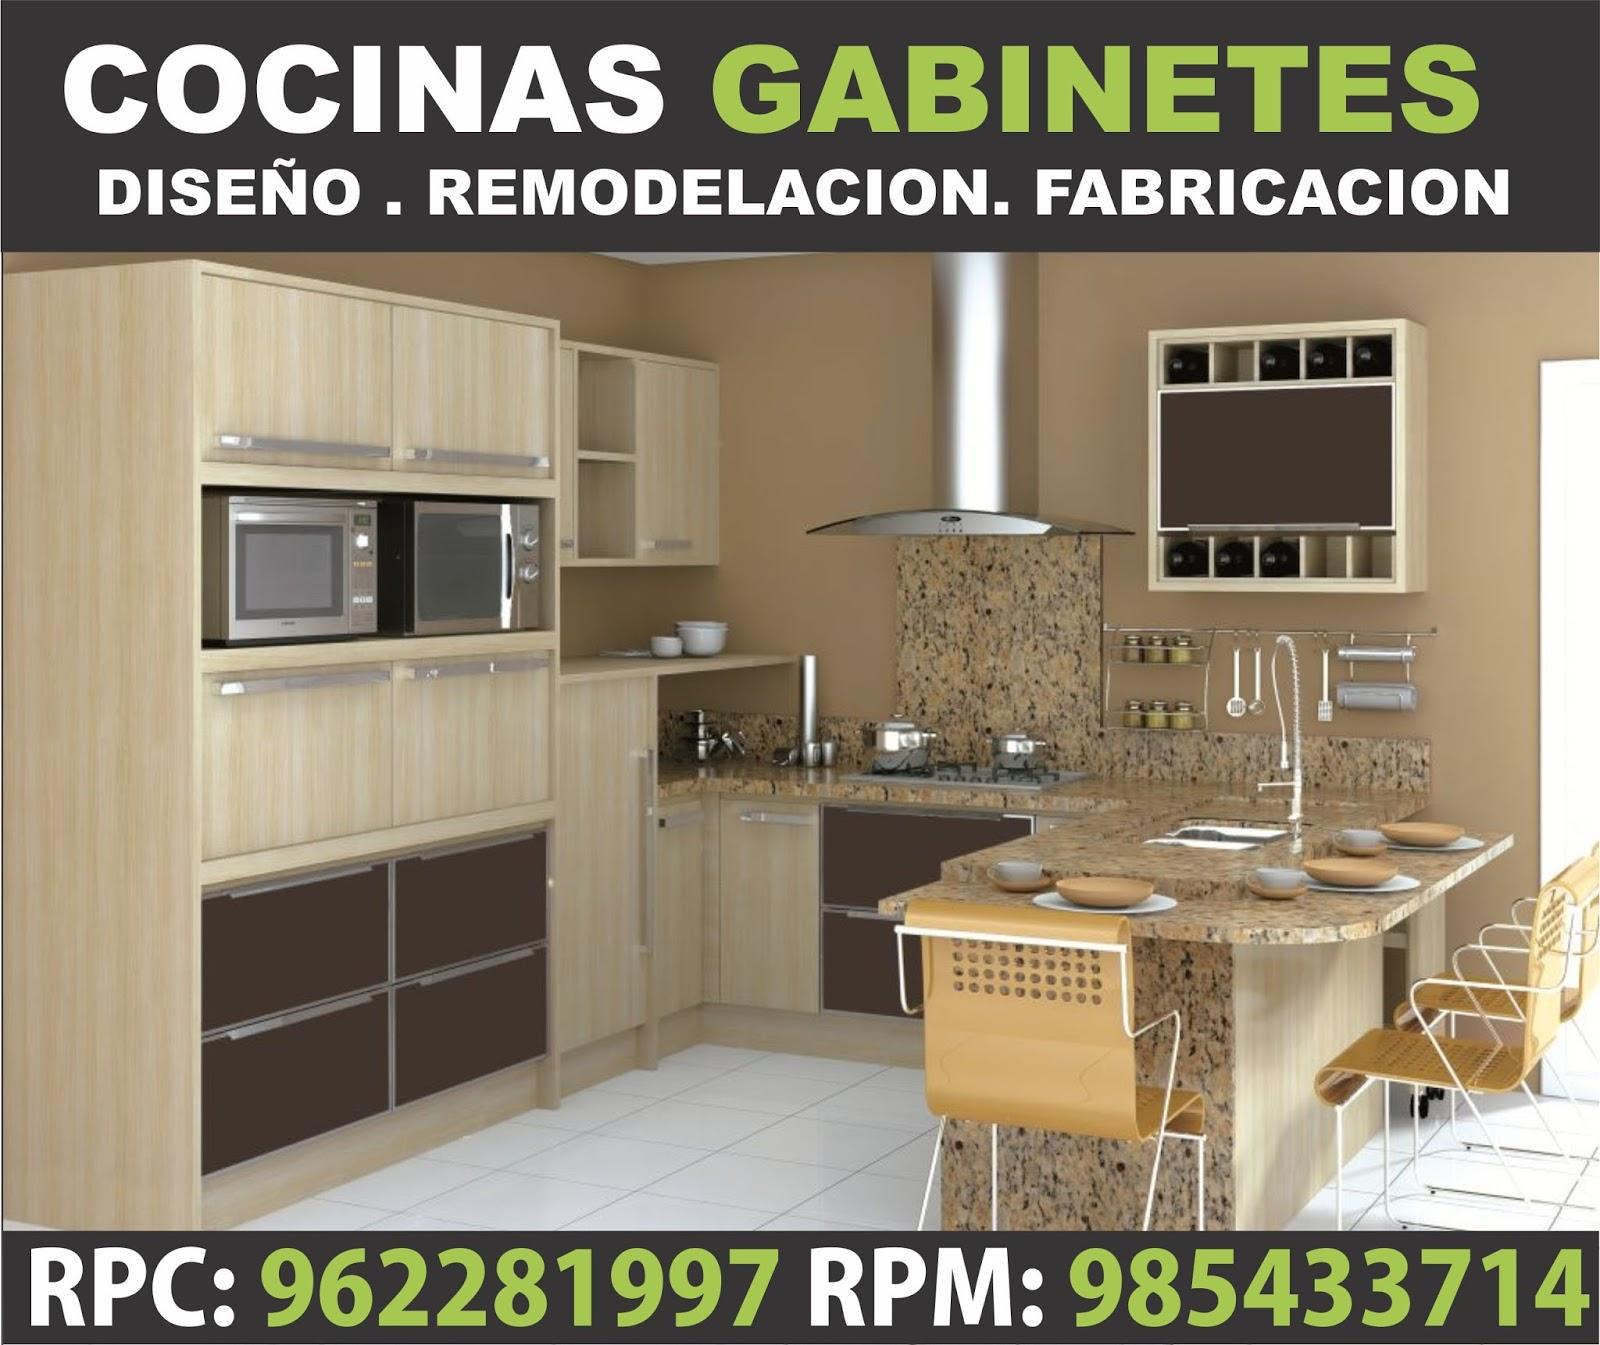 dise os fabricacion de closet cocina y muebles de oficina On catalogo de cocinas modernas